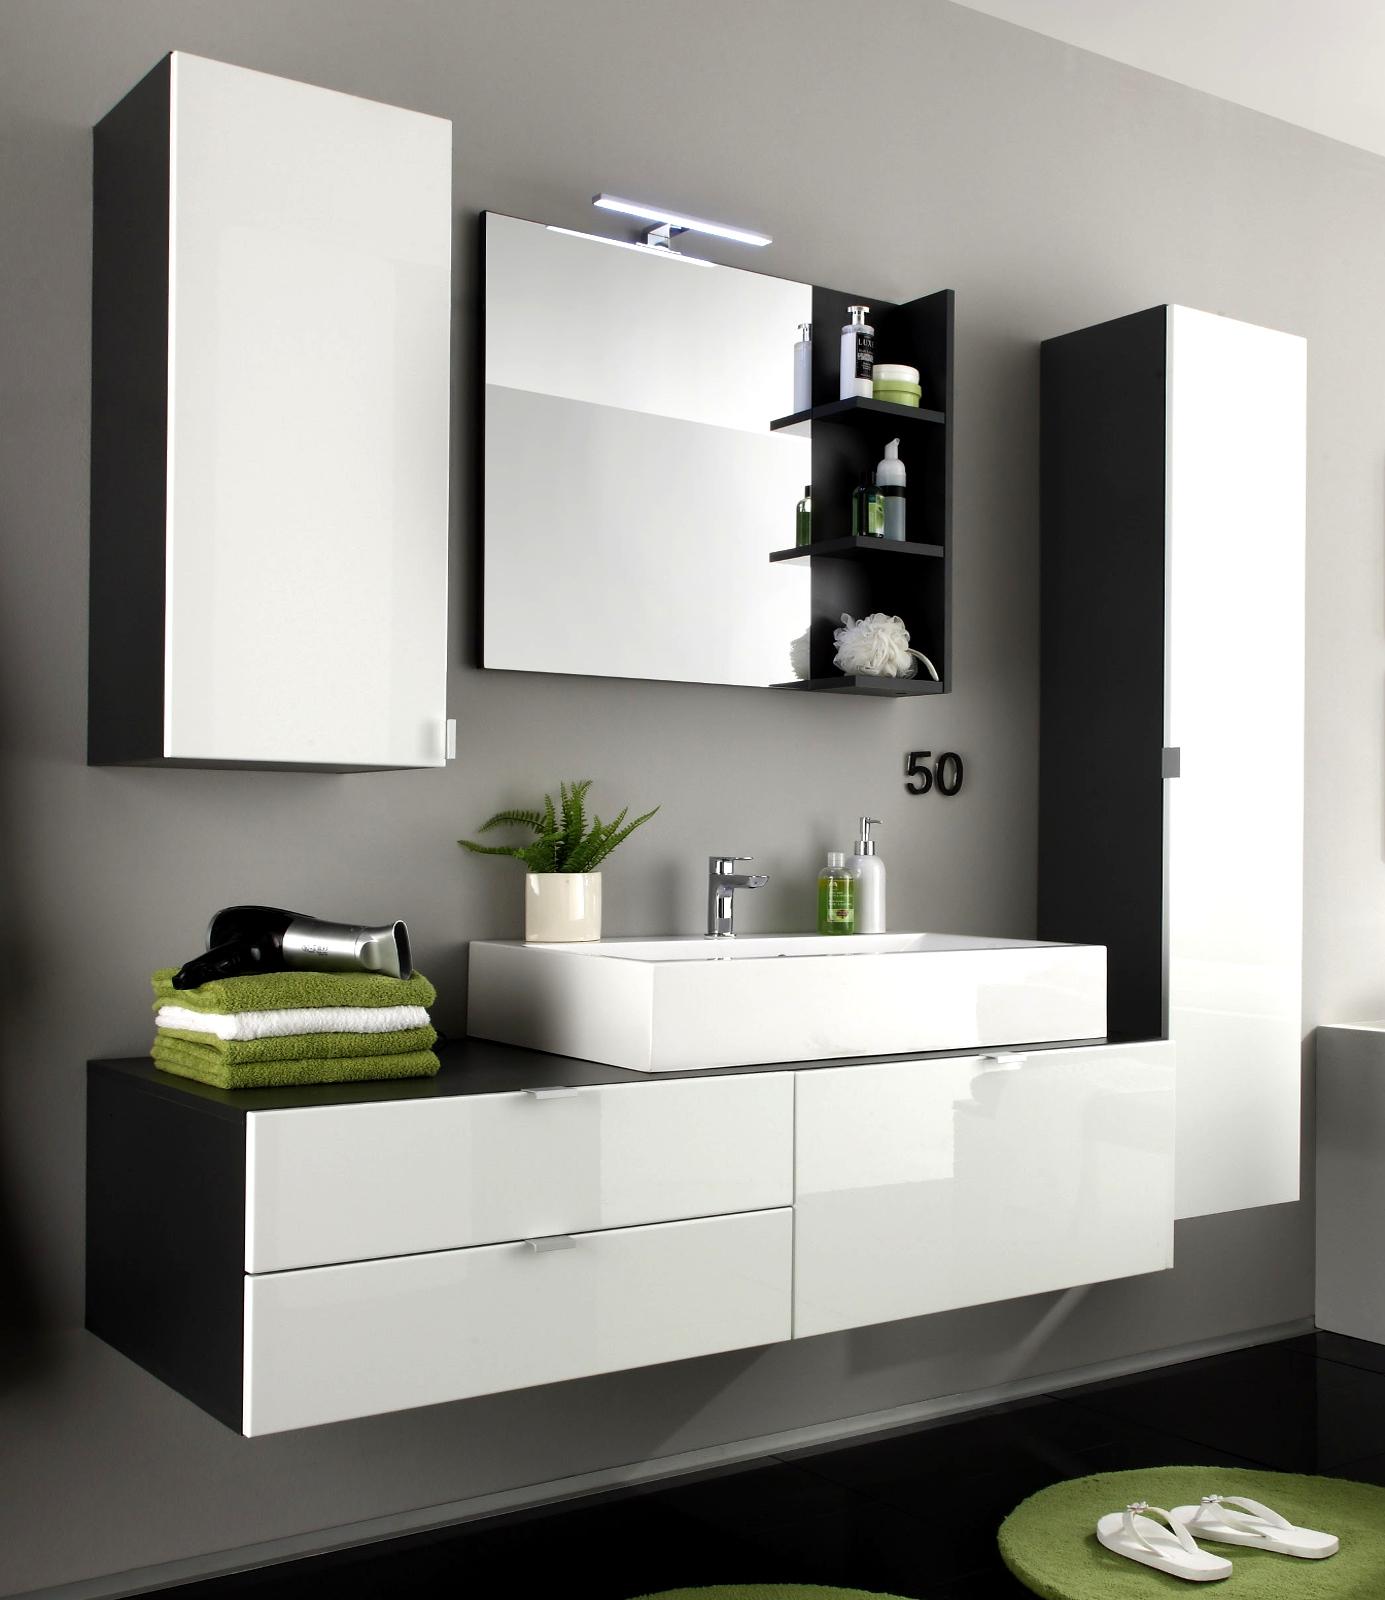 Badezimmermöbel weiß grau  Badmöbel Beach Weiß/Grau günstig online kaufen